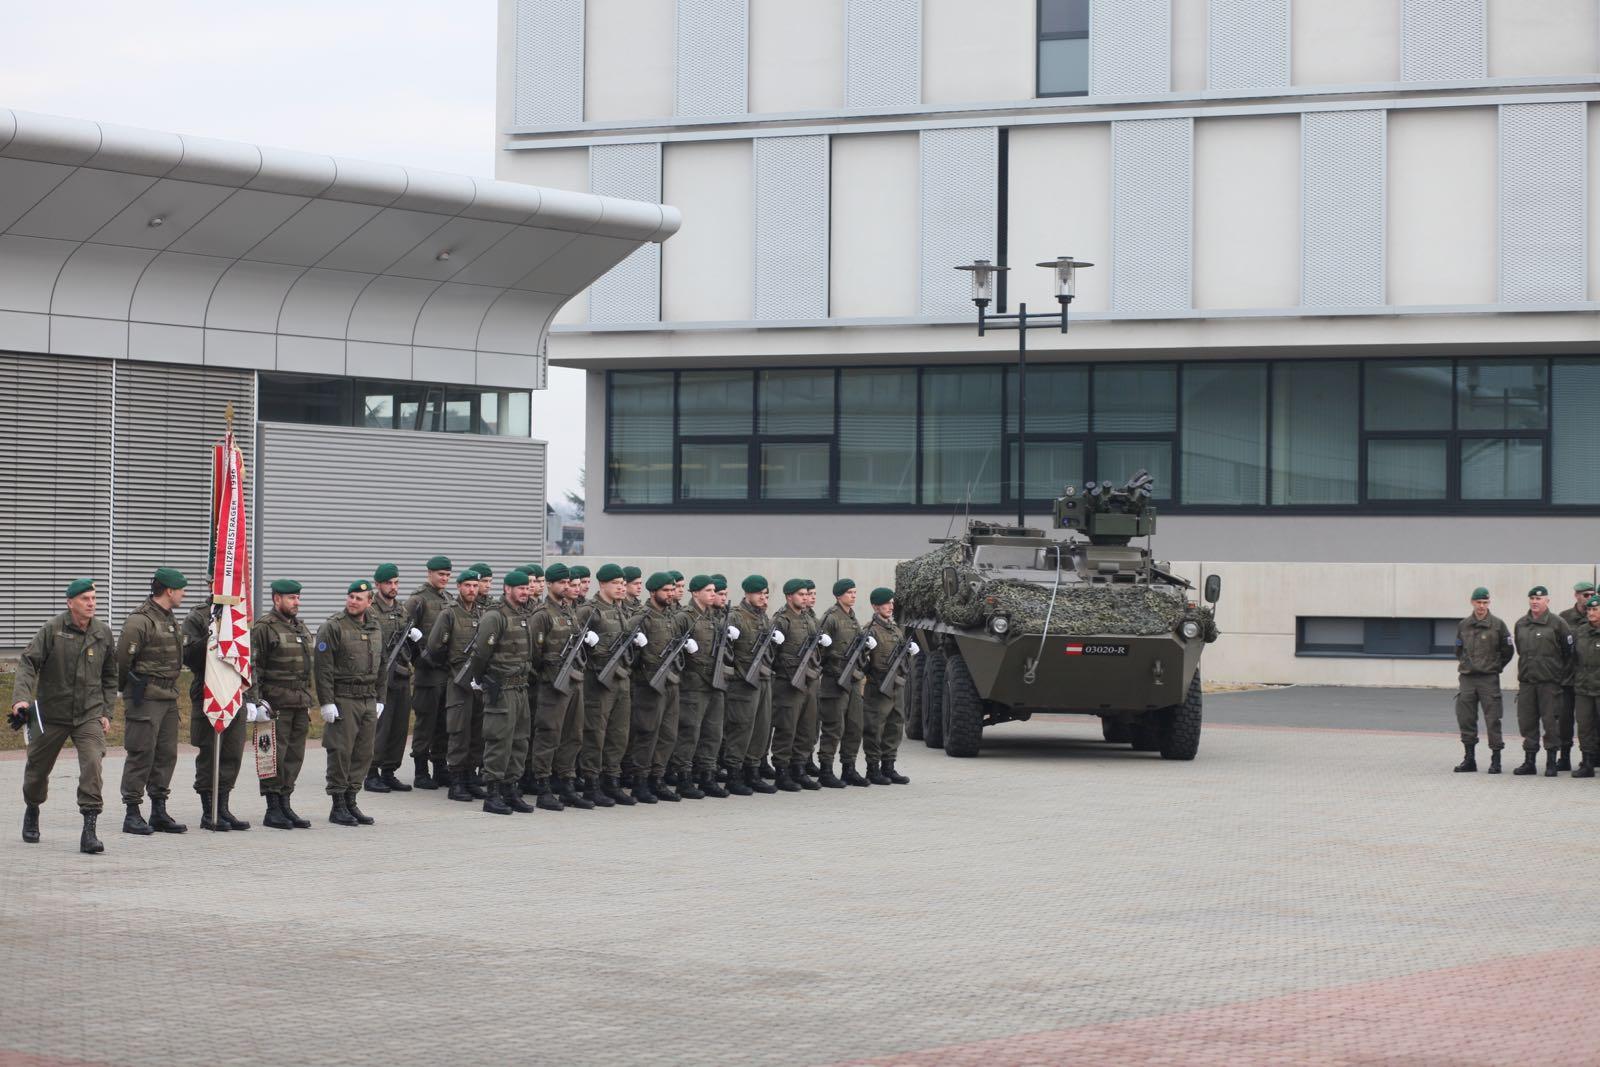 2019_02_08_5Gardekompanie_KPE_EUFOR30_Verabschiedung - 6 of 61